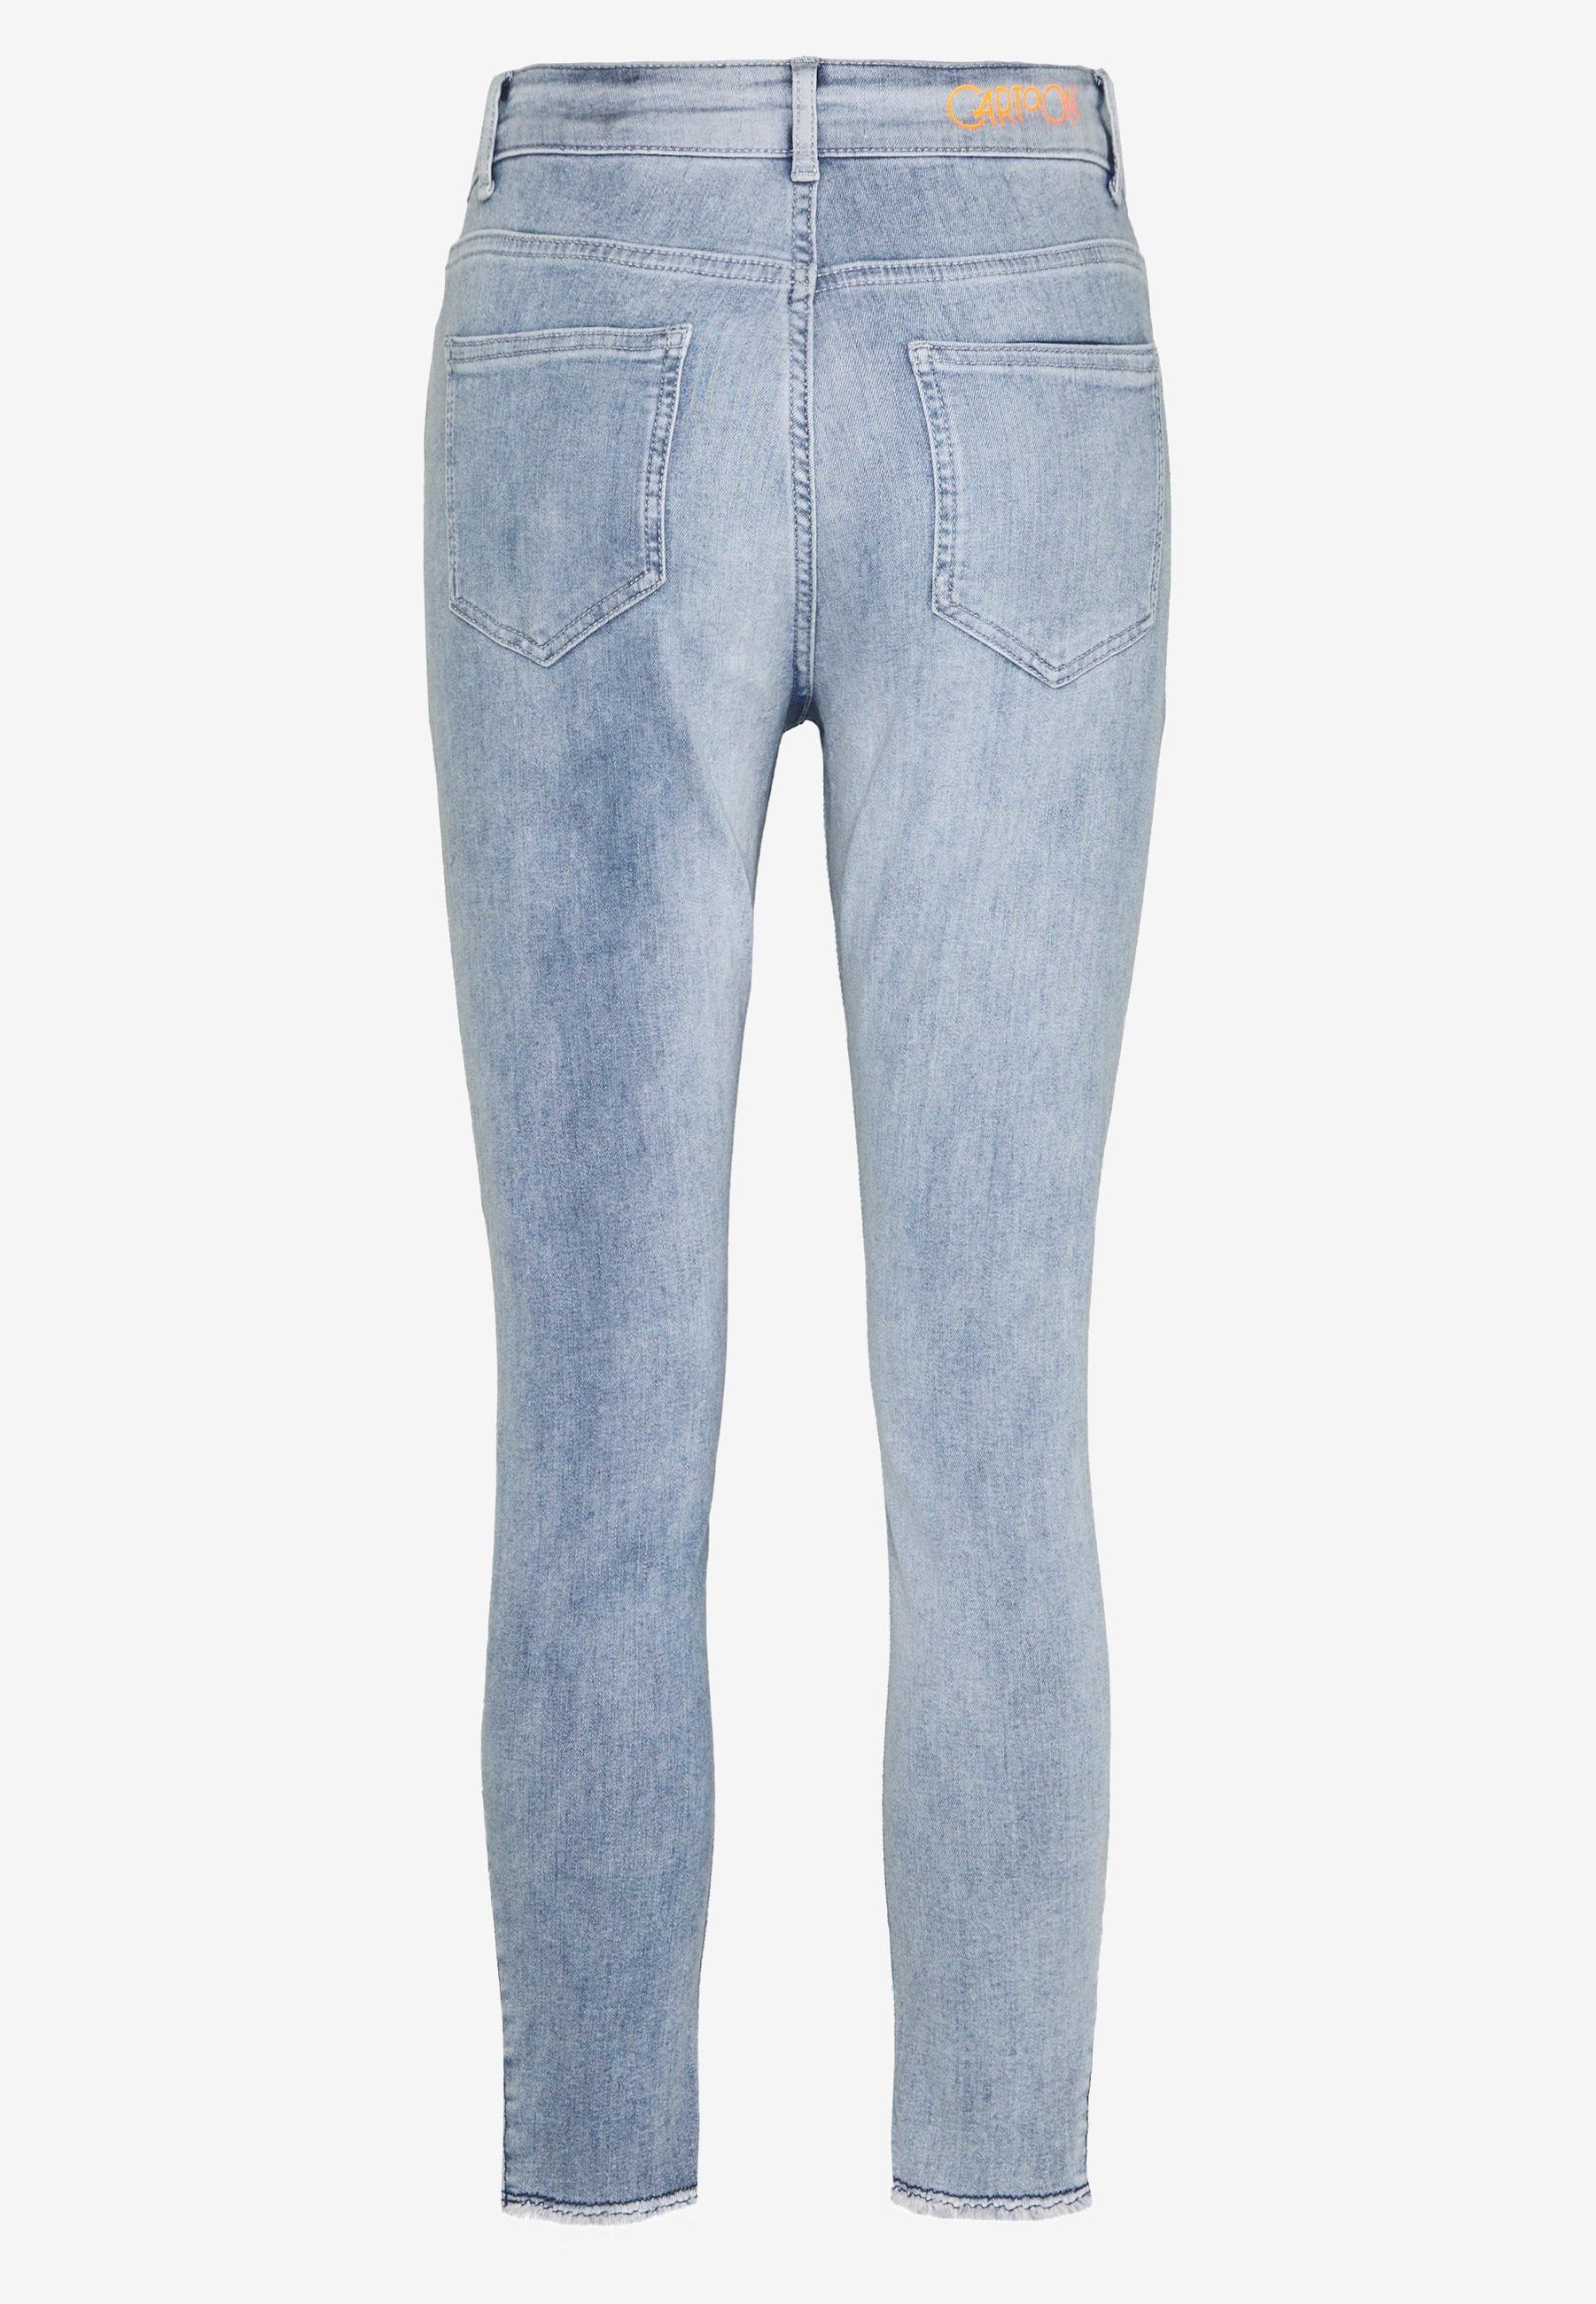 Cartoon Jeans Skinny Fit - light blue denim gi5OMI7J